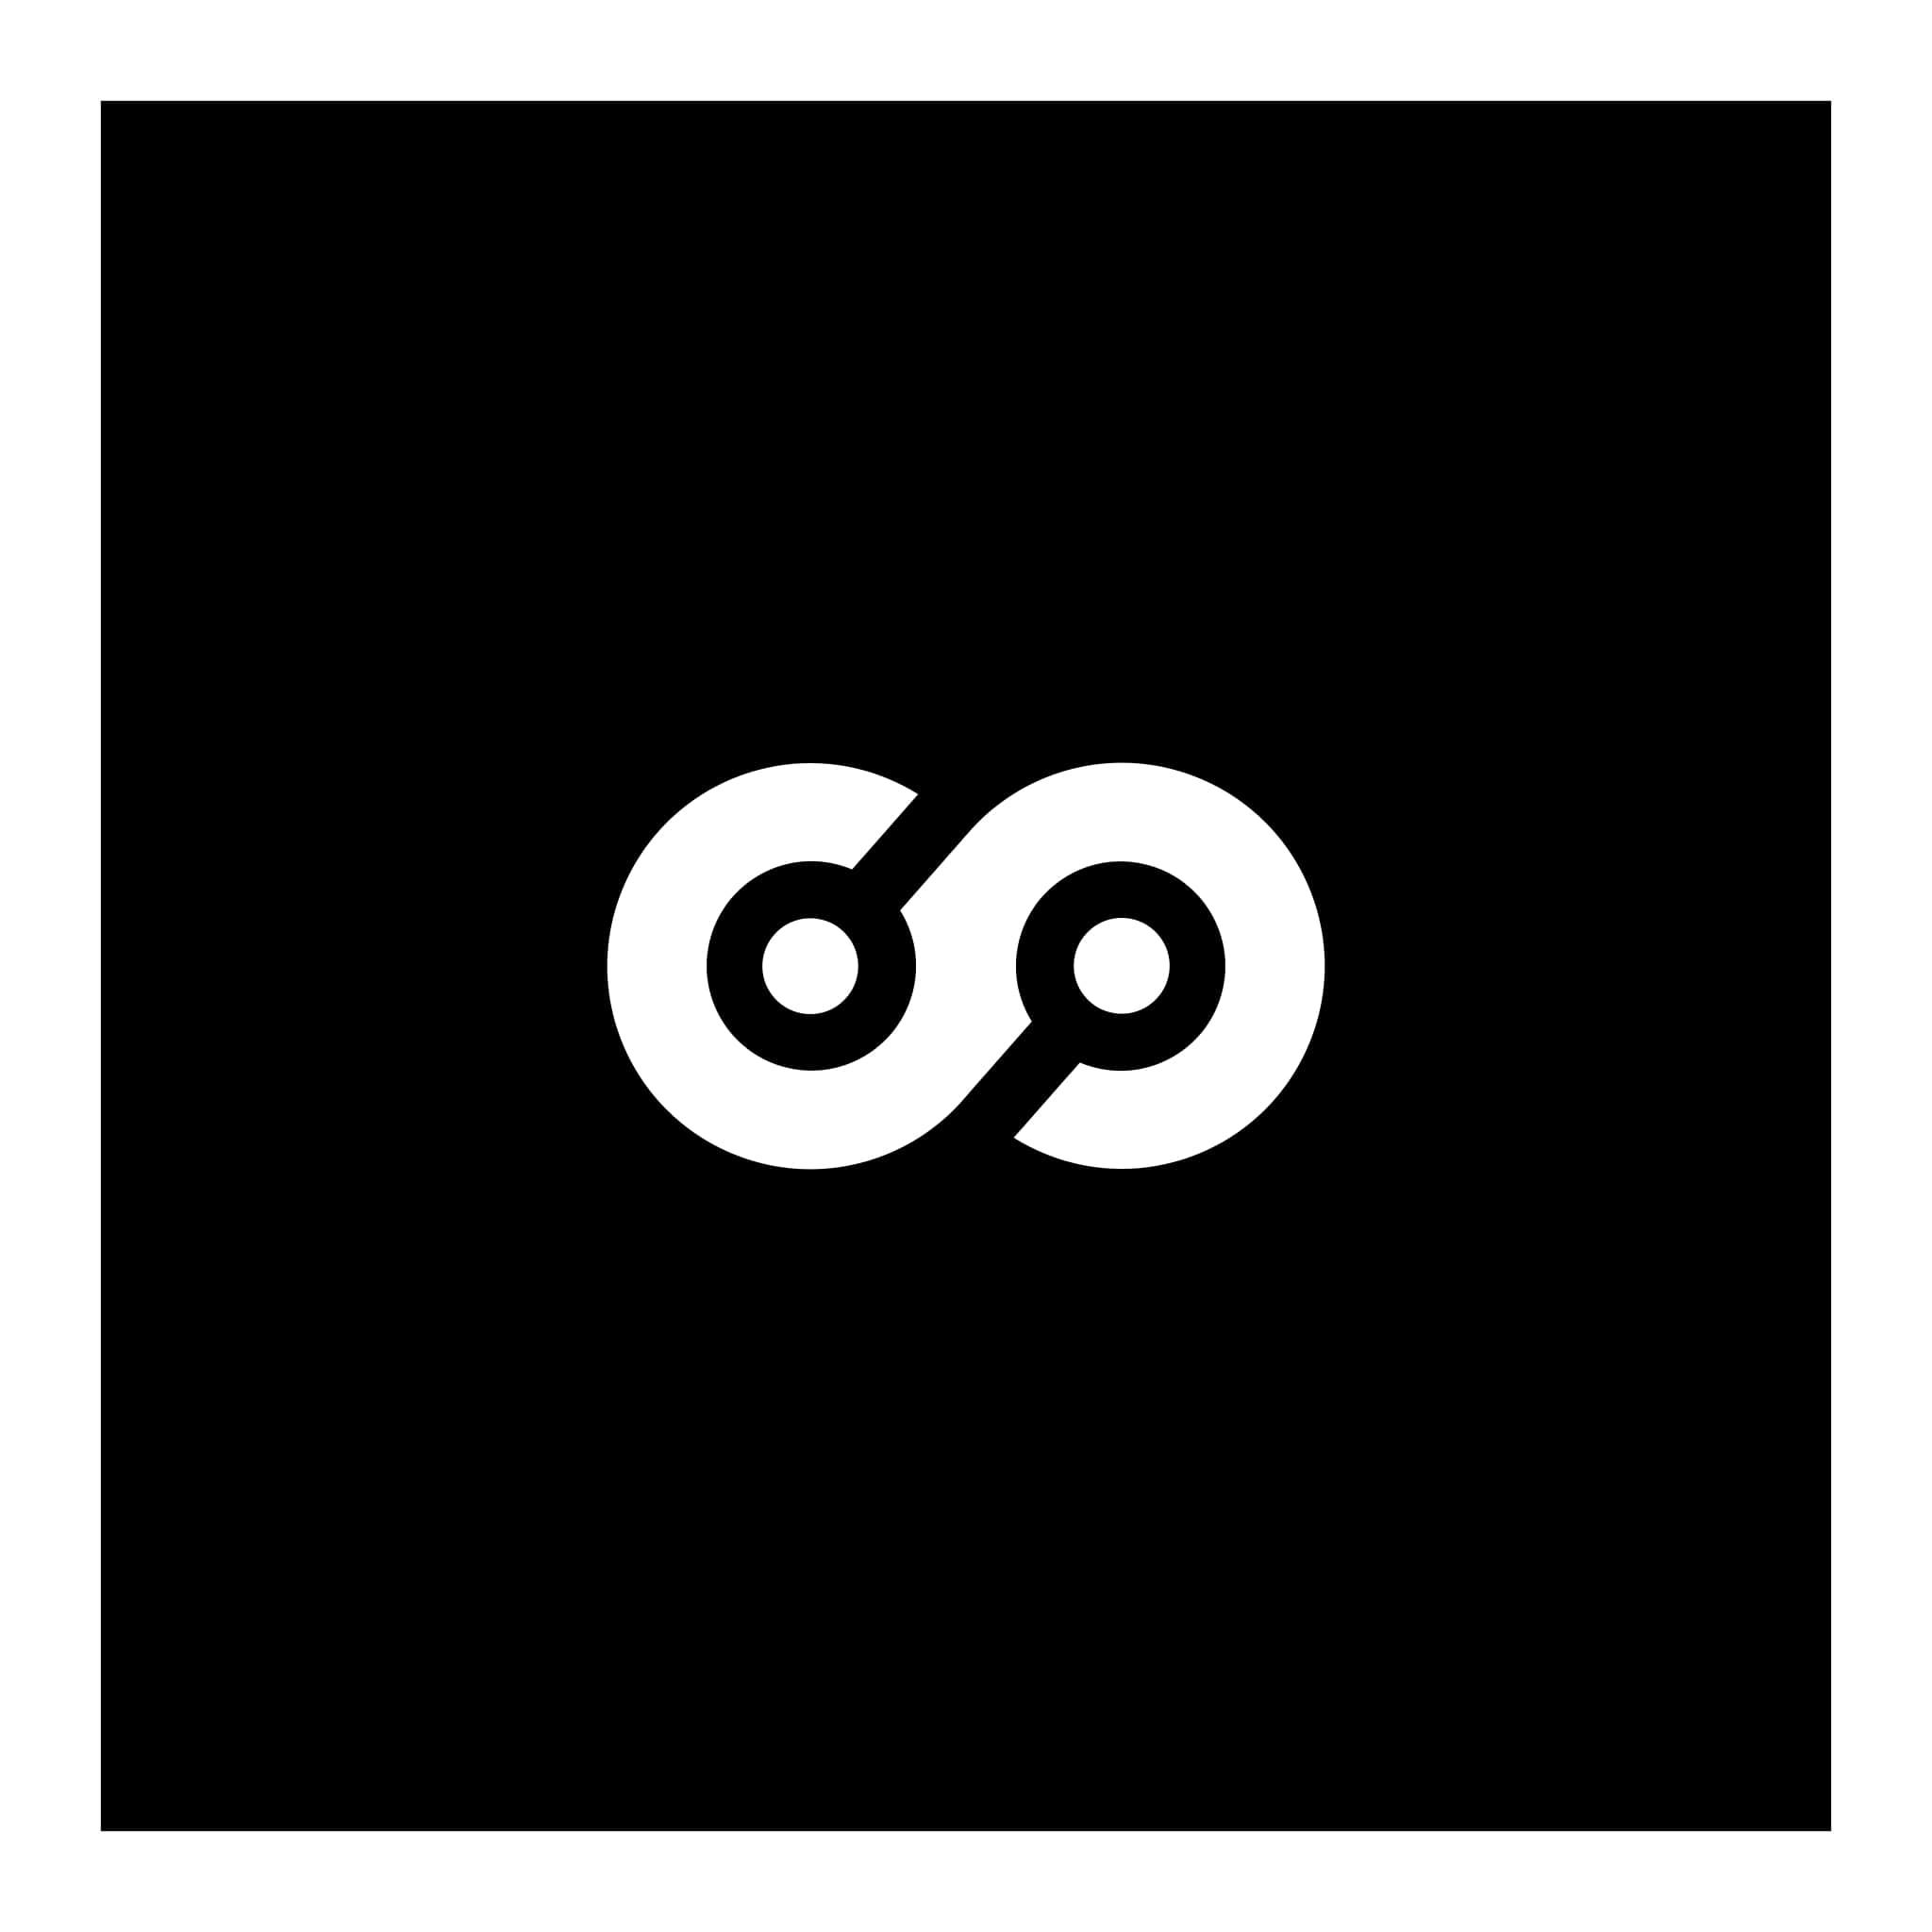 Suchhafen - SEO Agentur Vincent zu Dohna Logo